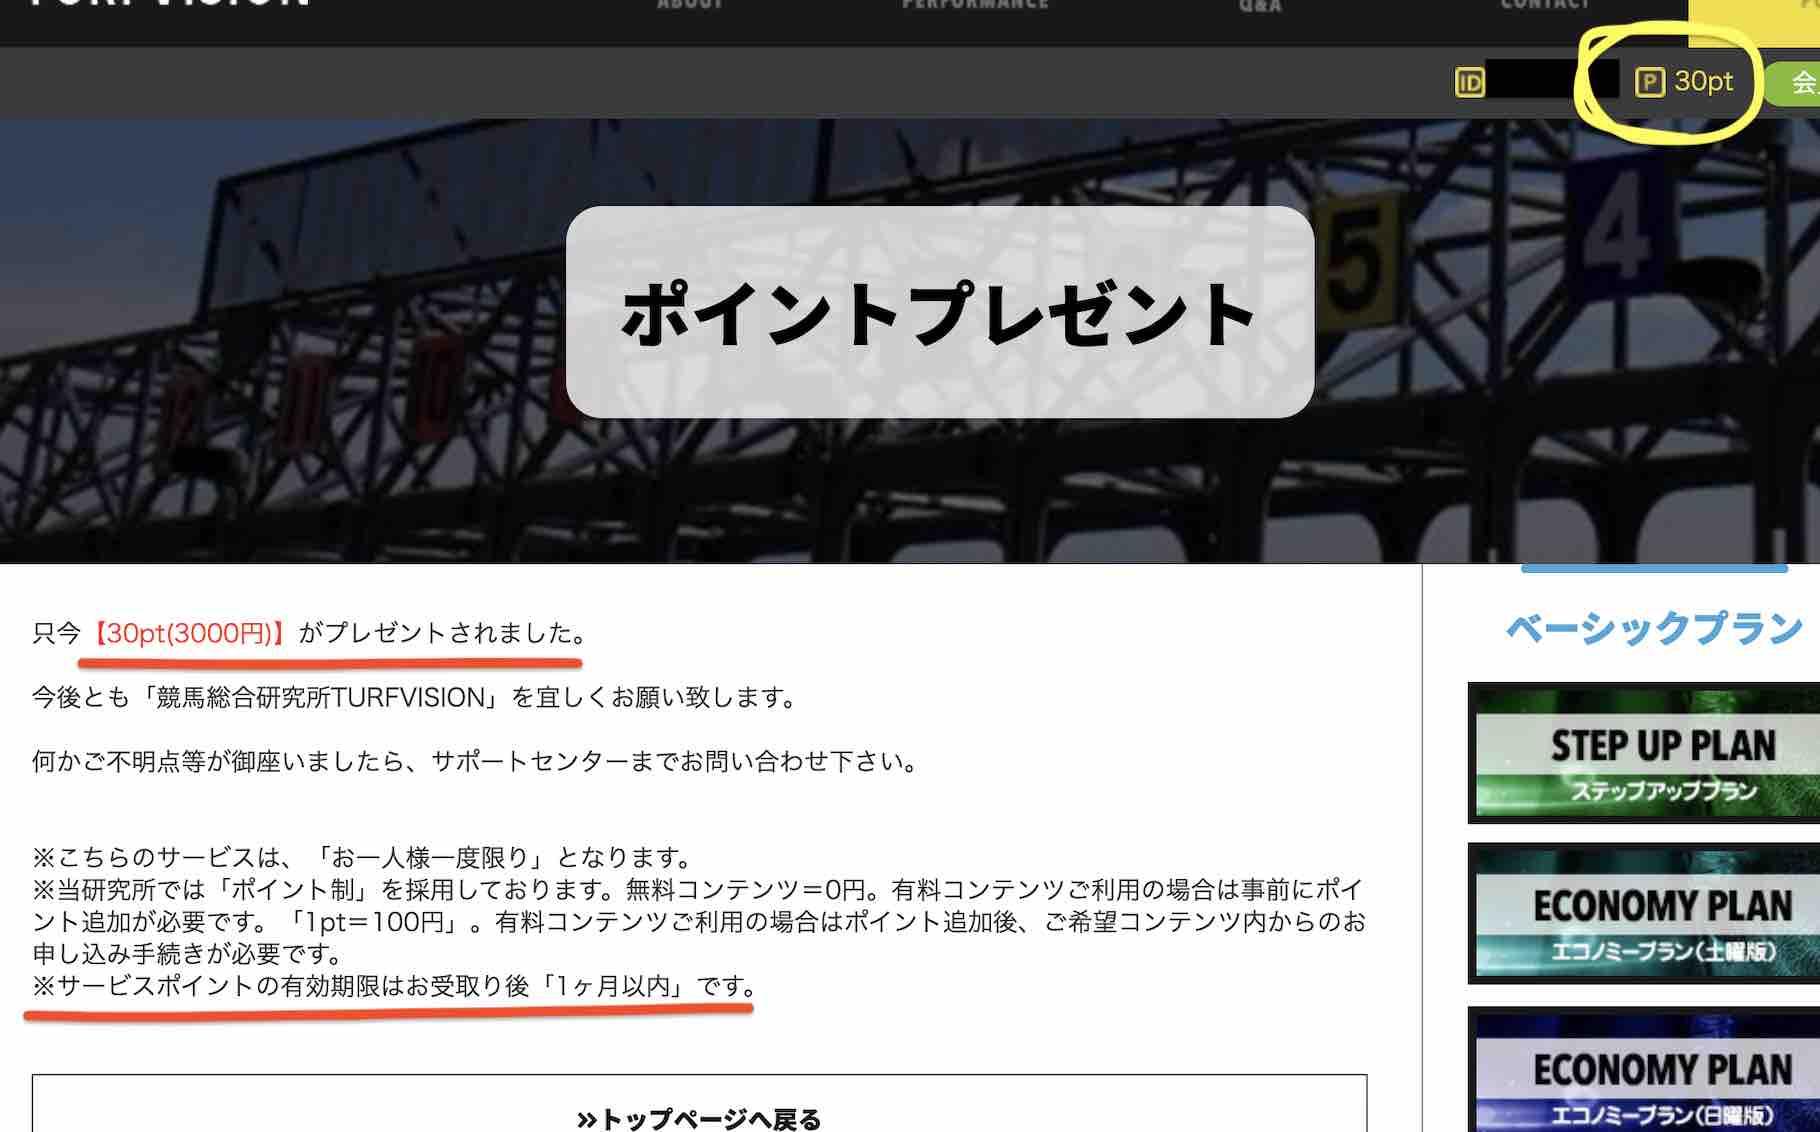 ターフビジョンという競馬予想サイトのポイント還元30pt